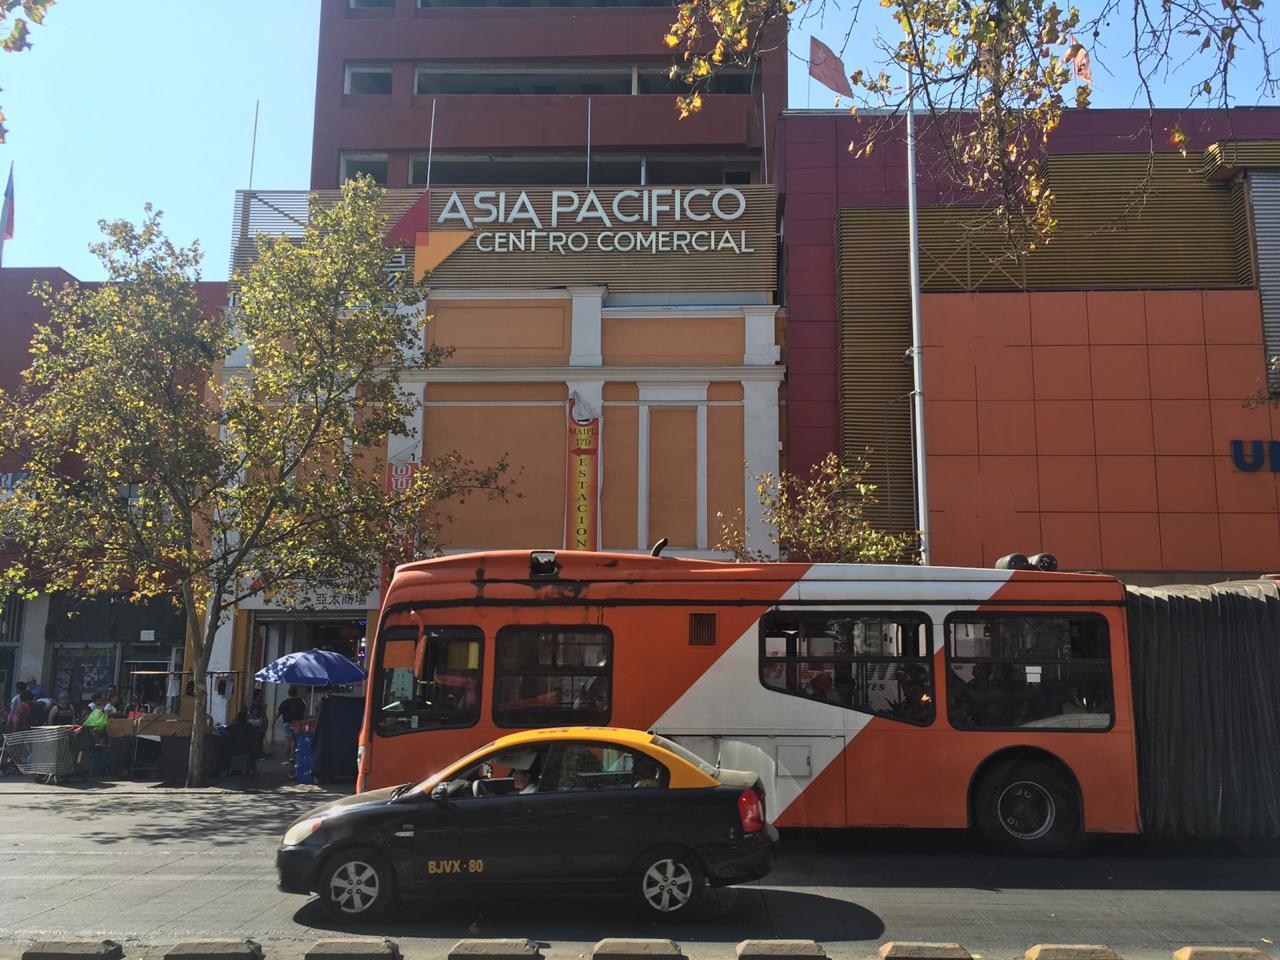 En el centro comercial Asia Pacífico y Universo Chino los locatarios no han vivido situaciones de discriminación